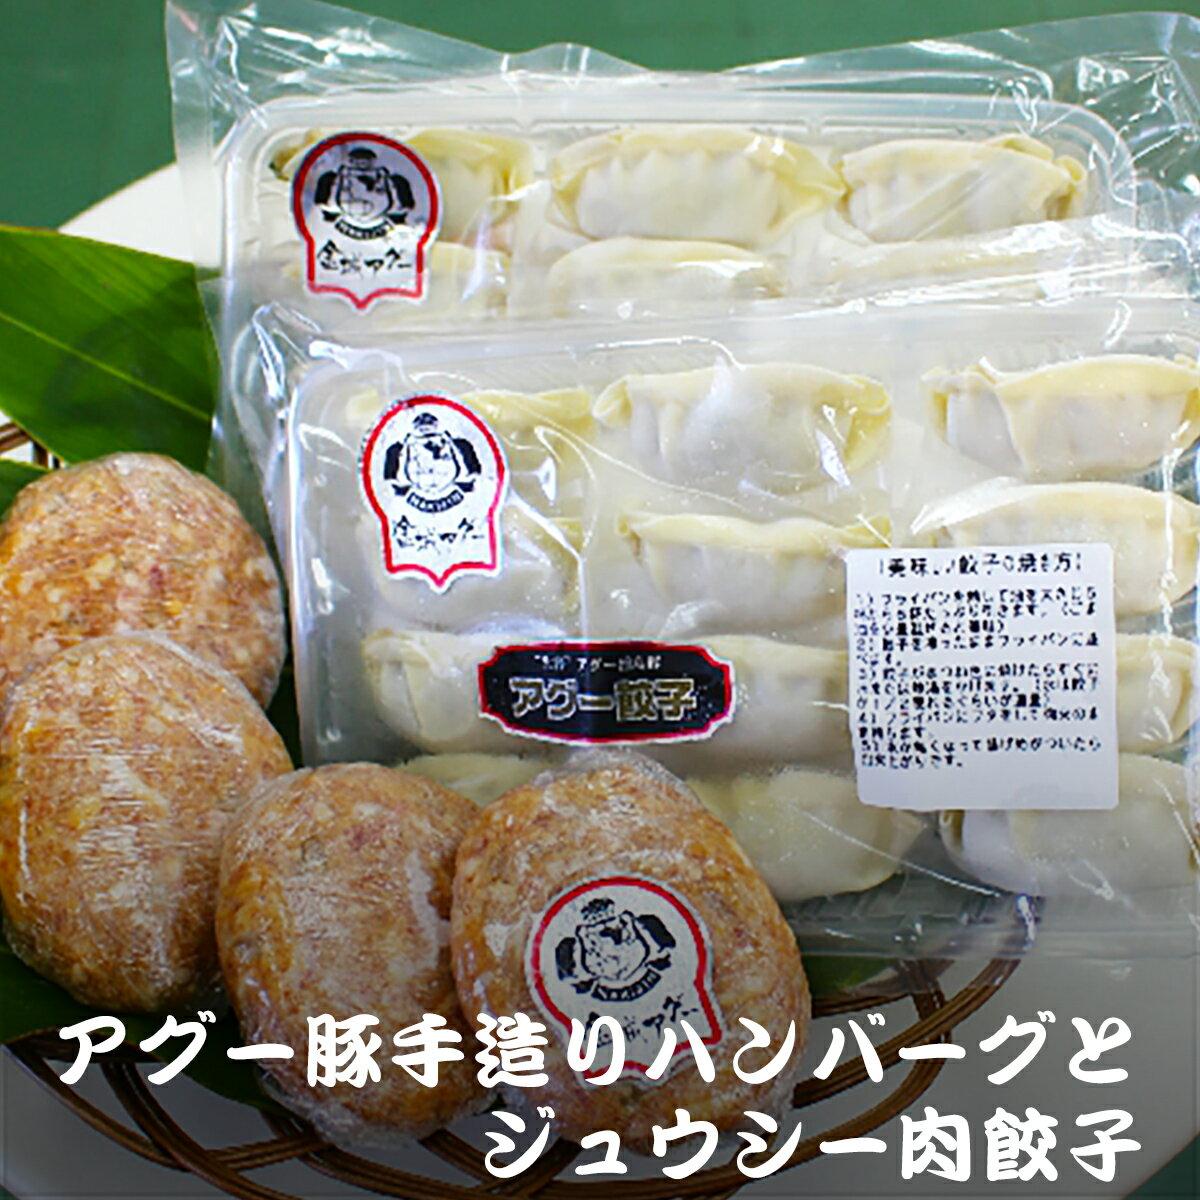 金城アグーの手造りハンバーグ&アグー餃子